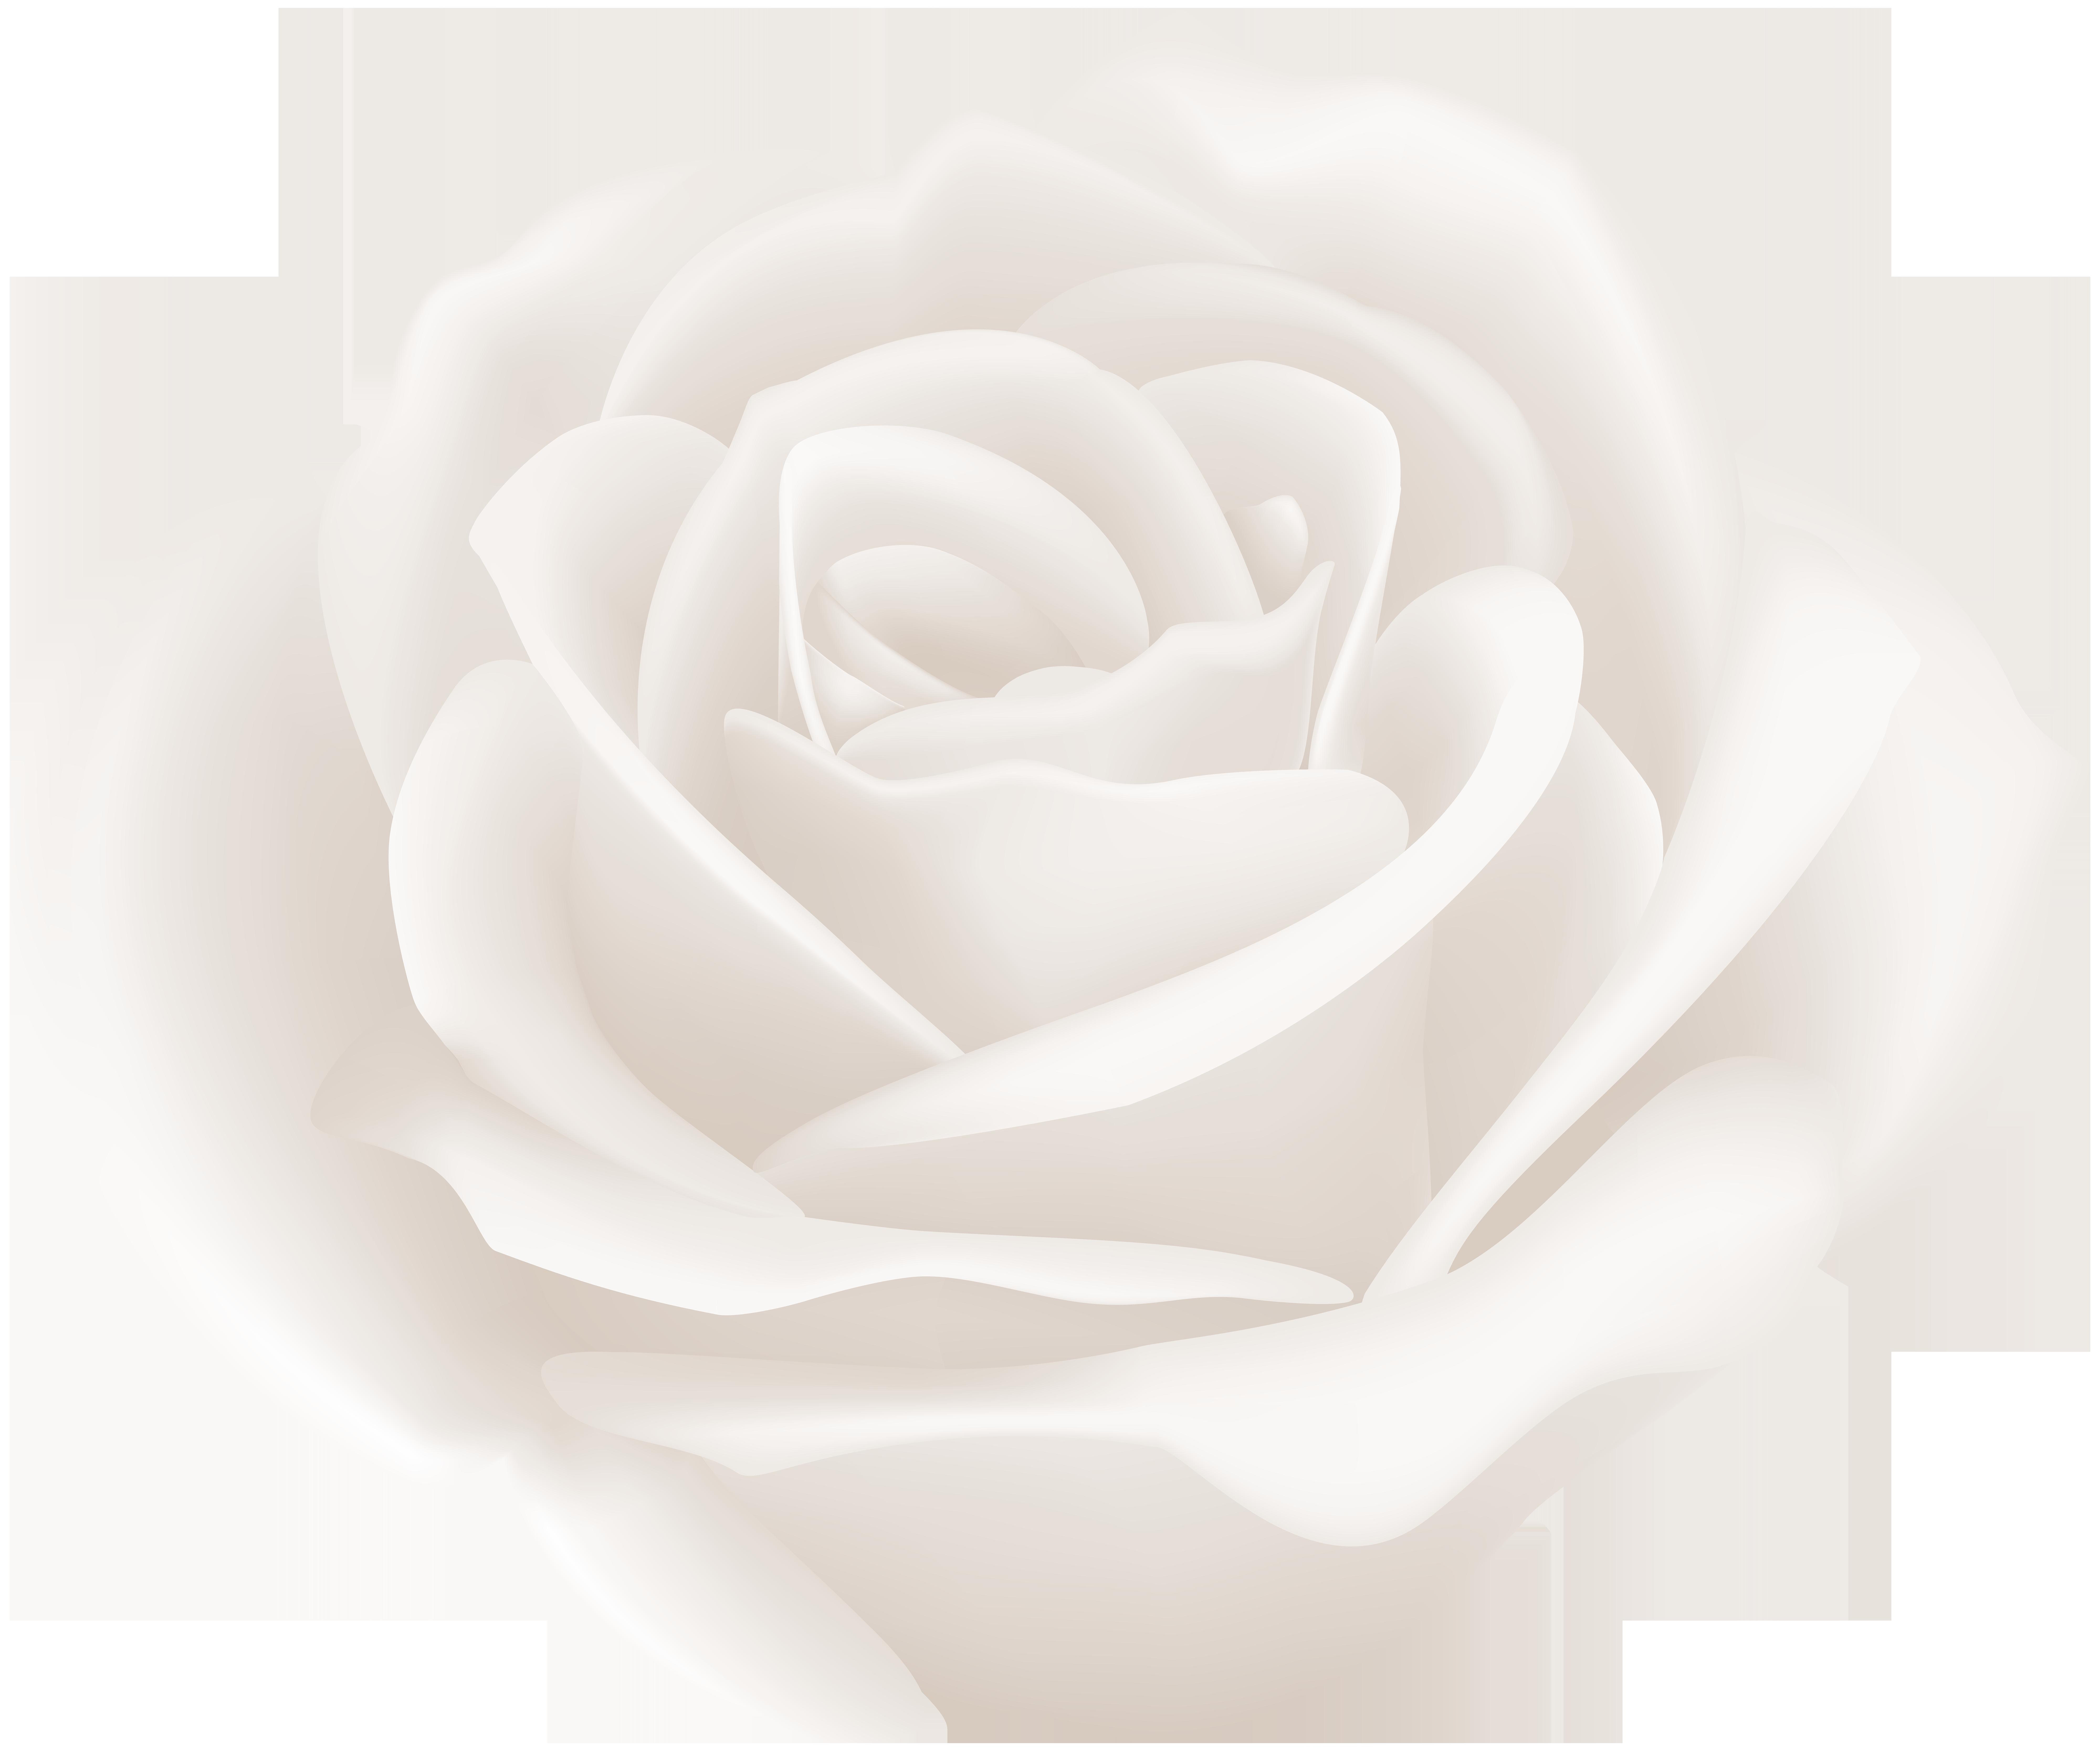 White Rose Clip Art Image.